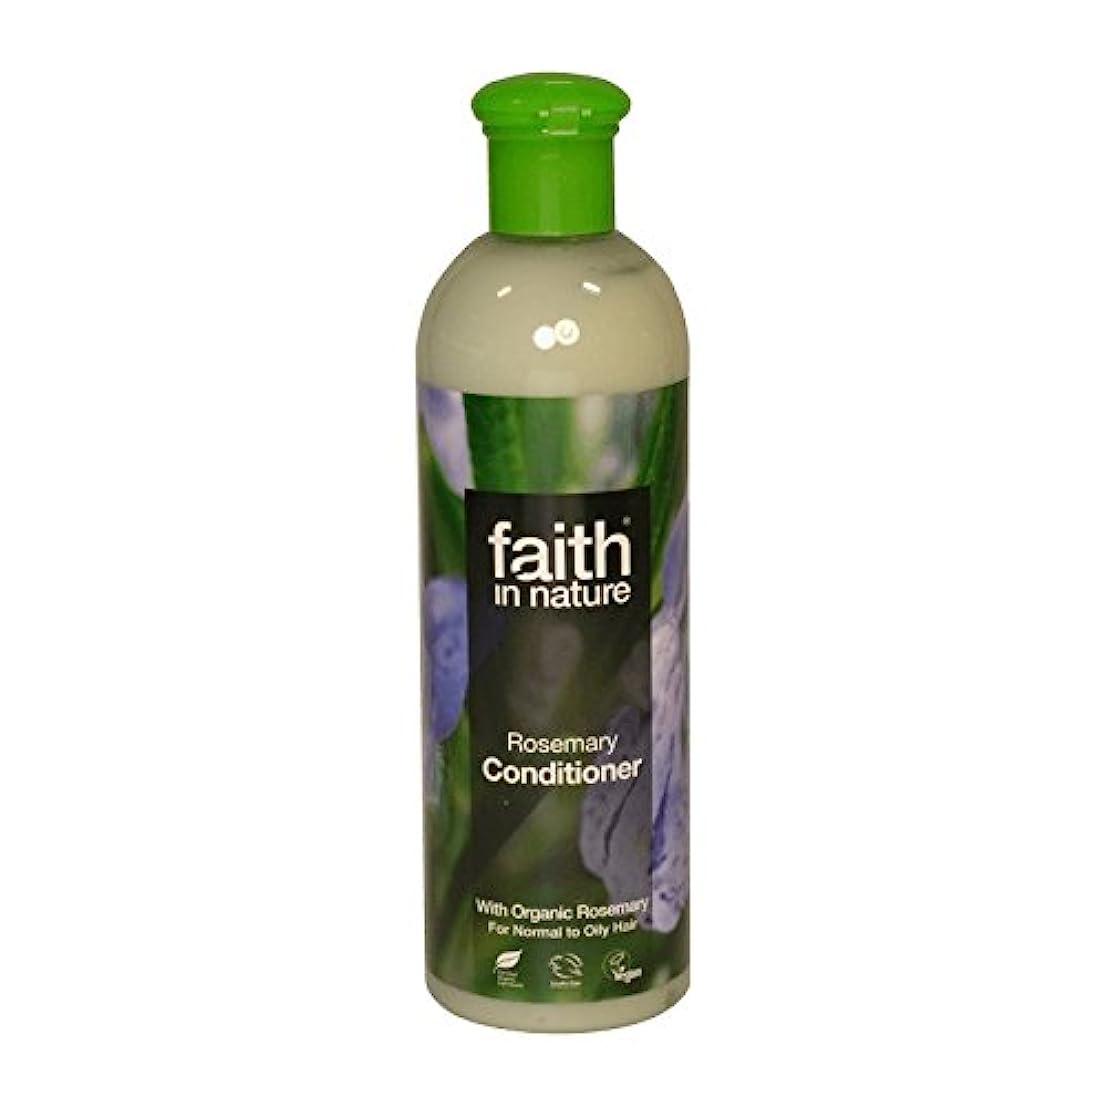 利用可能誤解磨かれた自然ローズマリーコンディショナー400ミリリットルの信仰 - Faith in Nature Rosemary Conditioner 400ml (Faith in Nature) [並行輸入品]